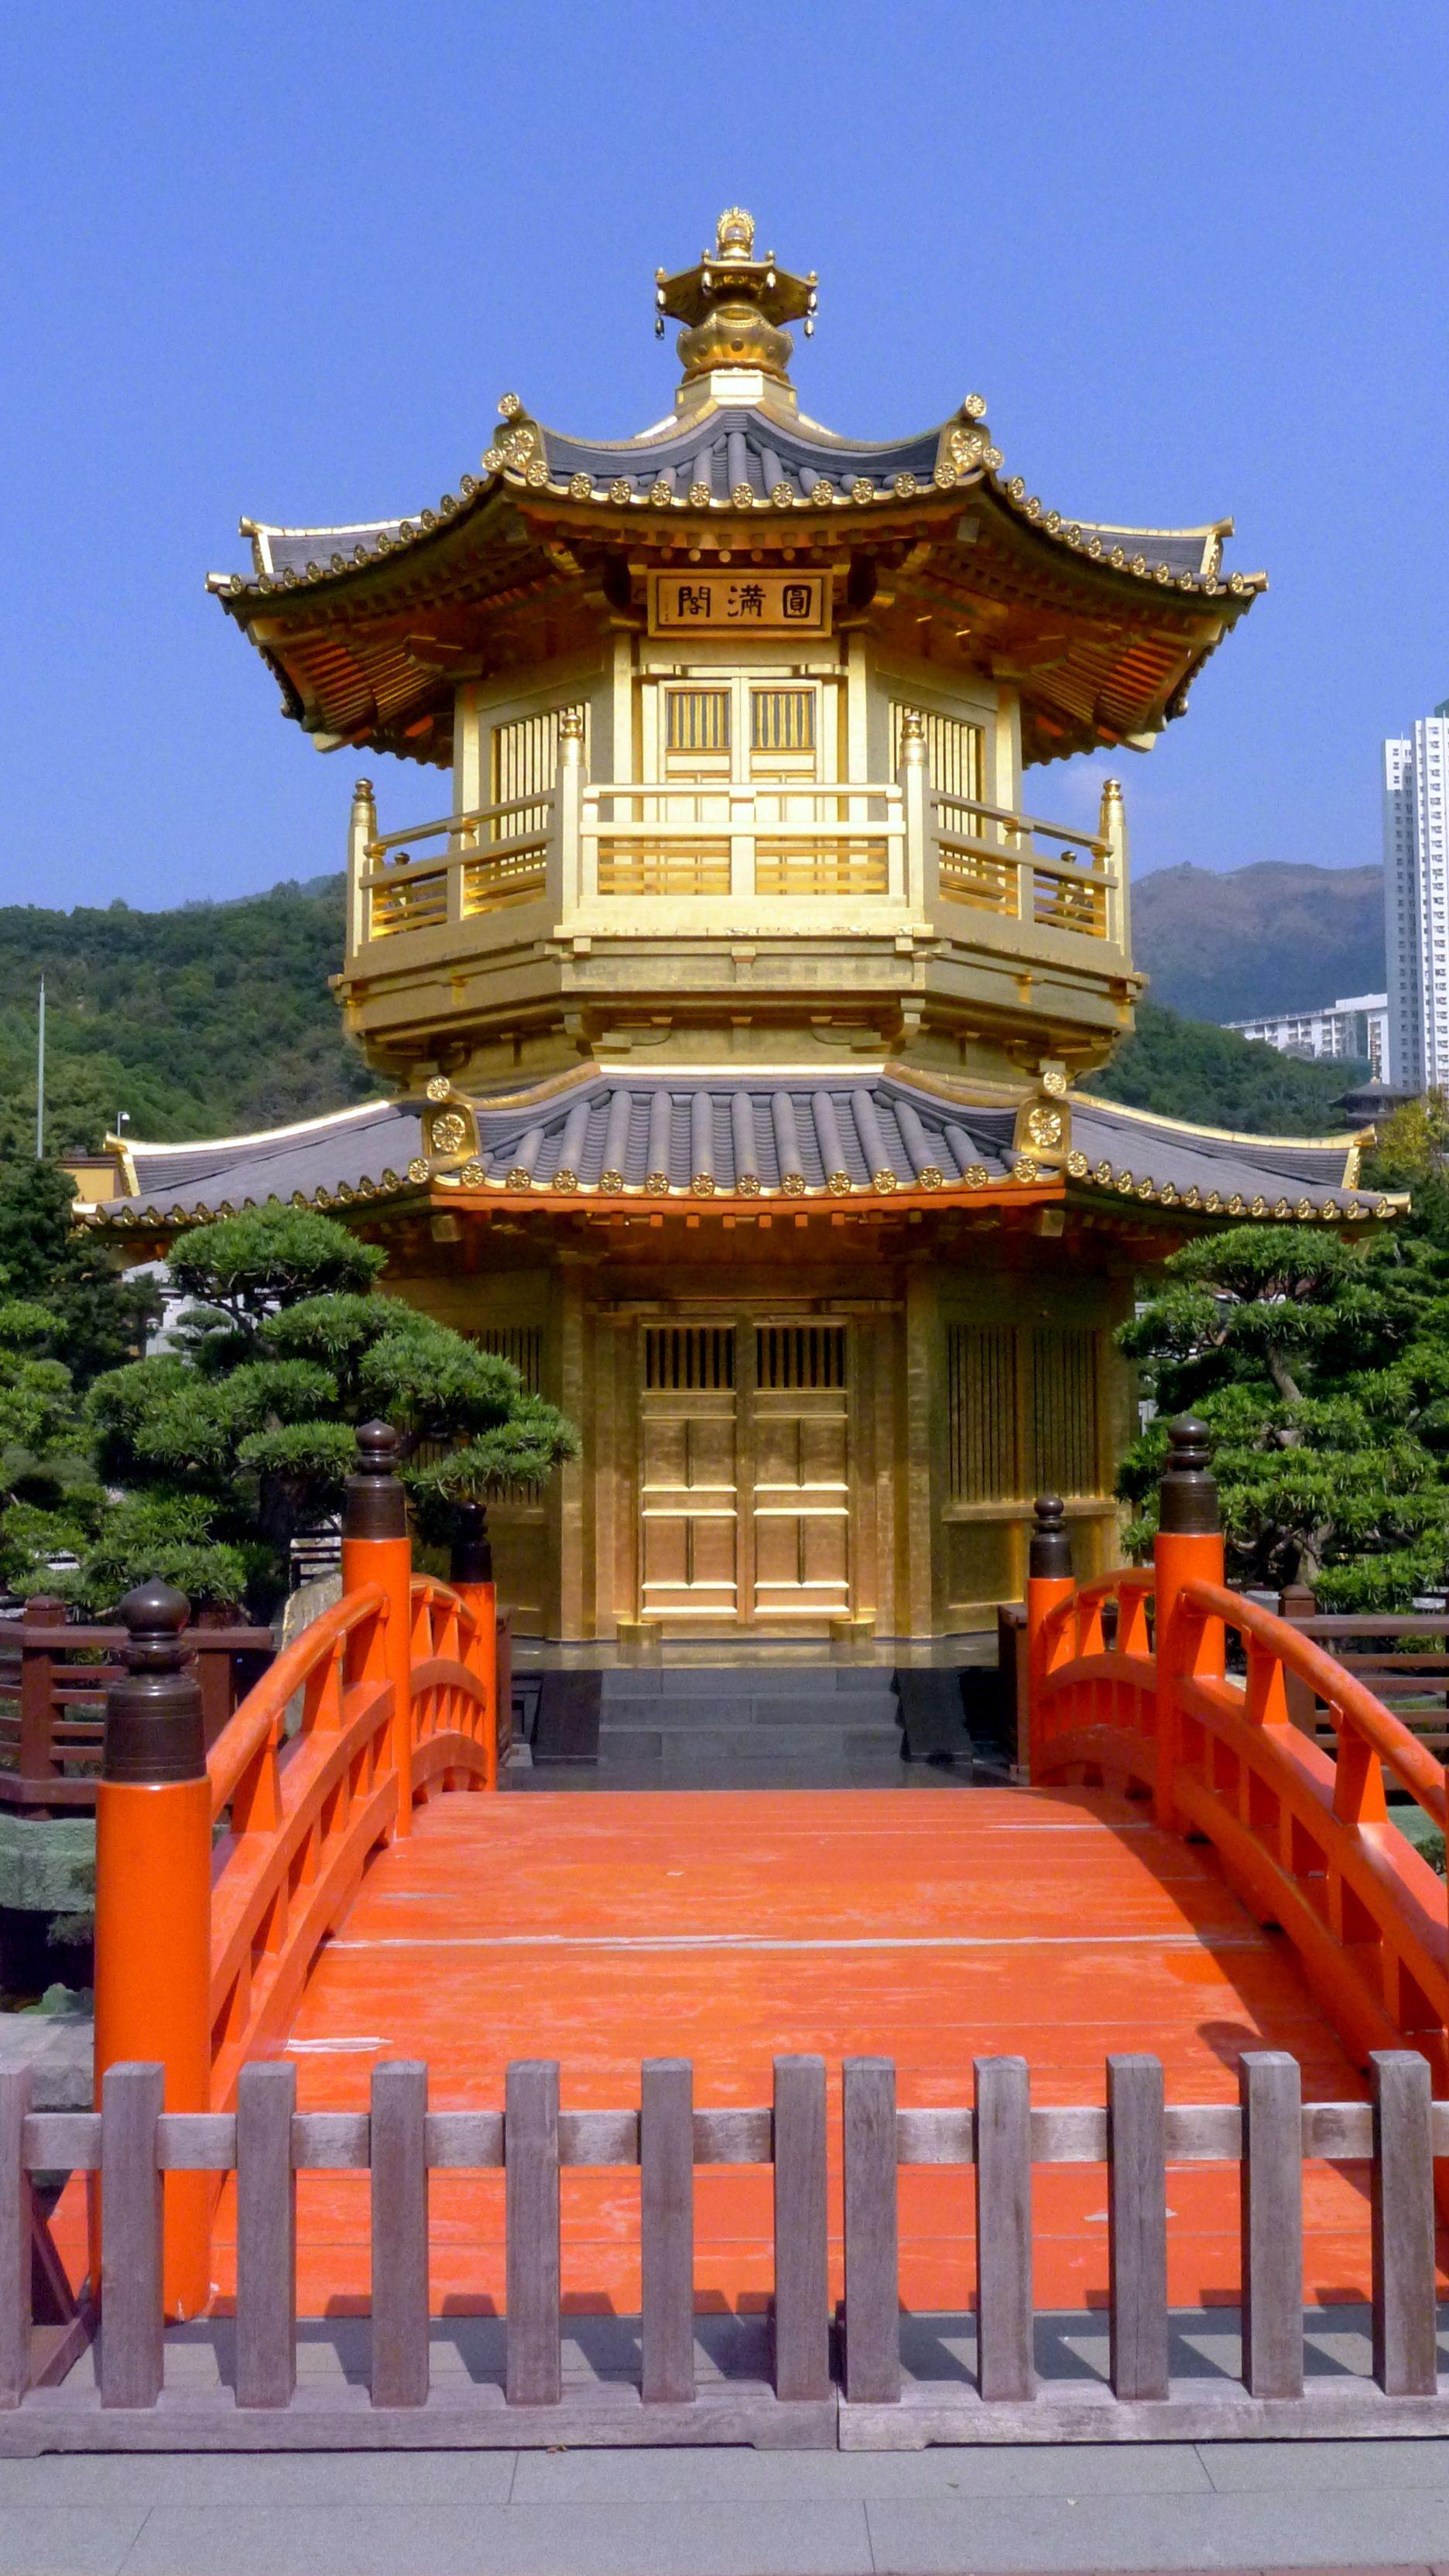 Nan Lian Garden (Kowloon) Hong Kong - Photo taken by BradJill